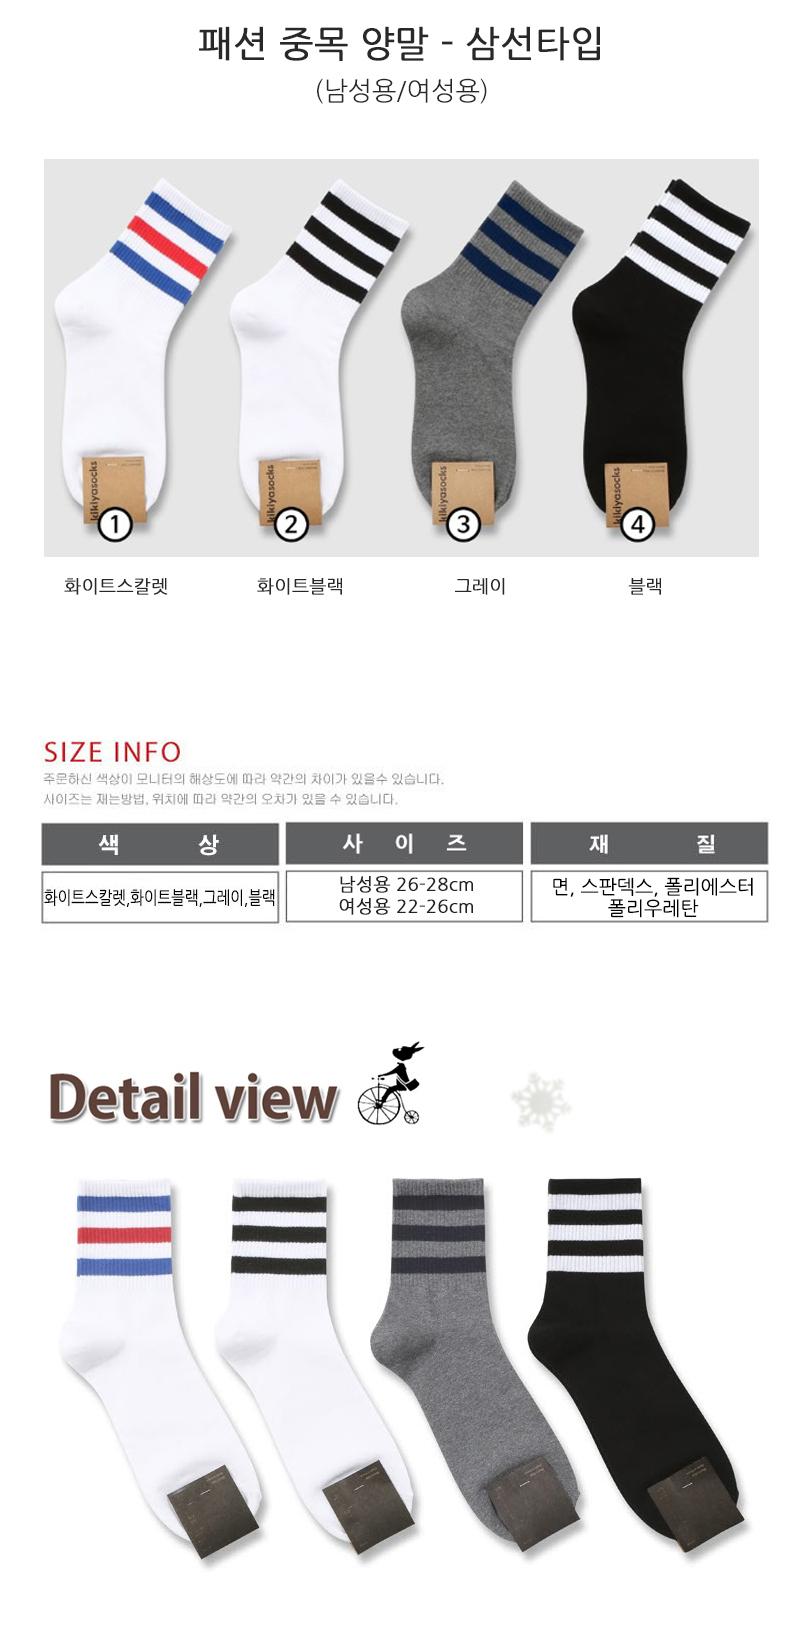 남성 패션 양말 중목 양말-삼선 - 민이네, 1,600원, 남성양말, 패션양말